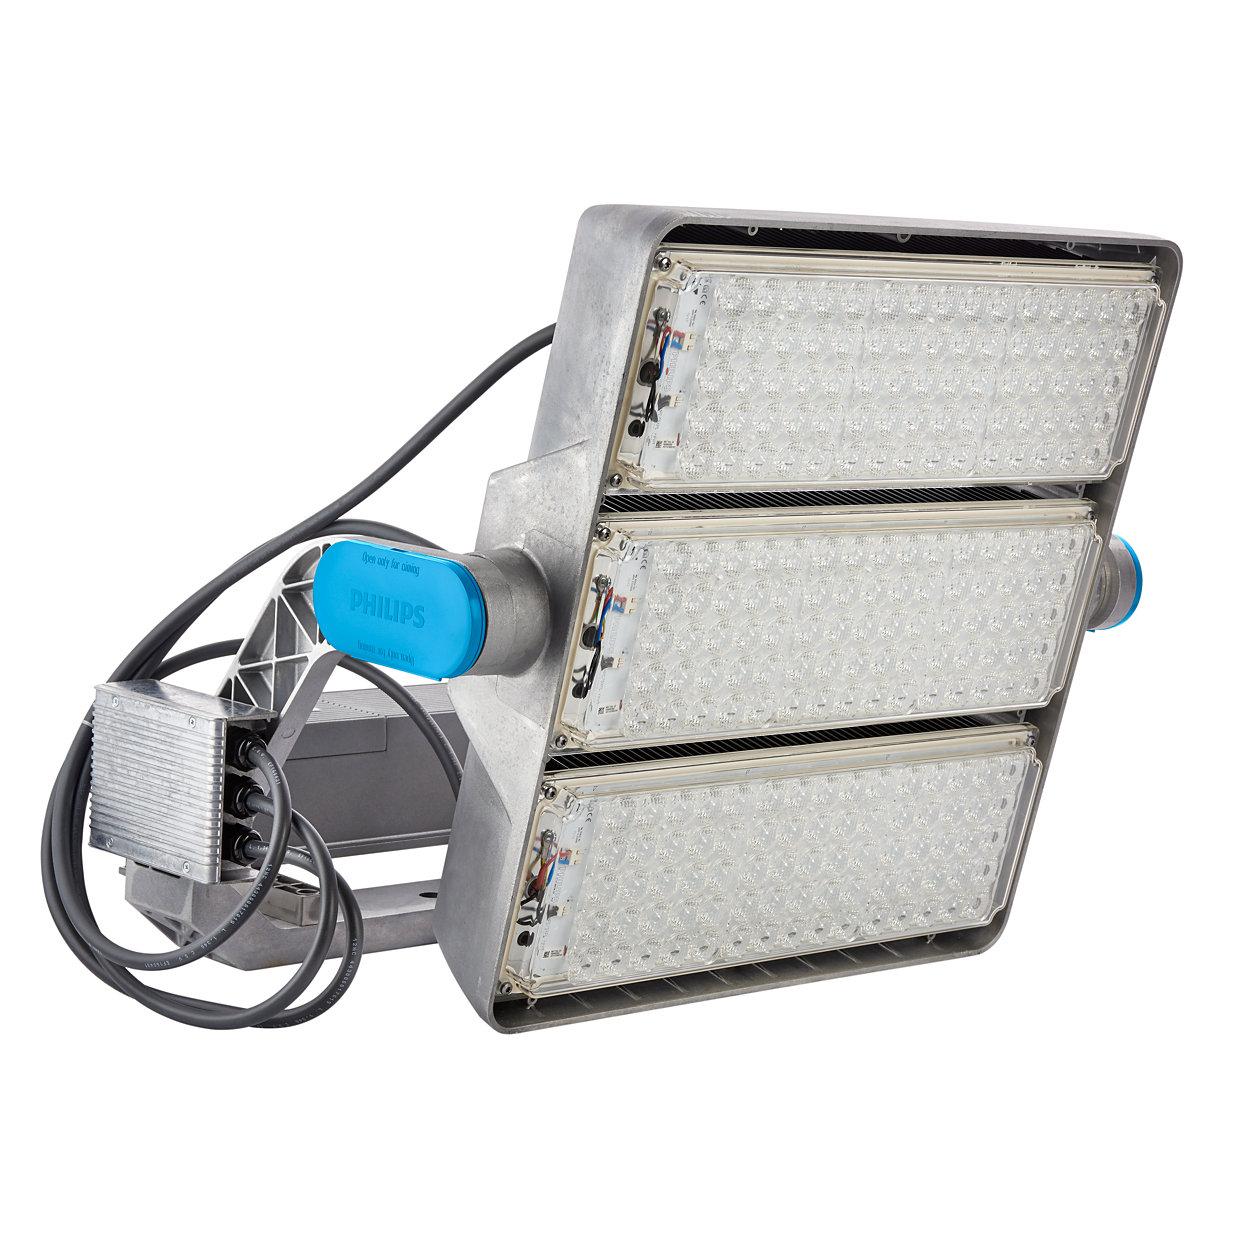 ArenaVision LED gen2 - stelt sportaccommodaties in staat een nieuwe ervaring te bieden